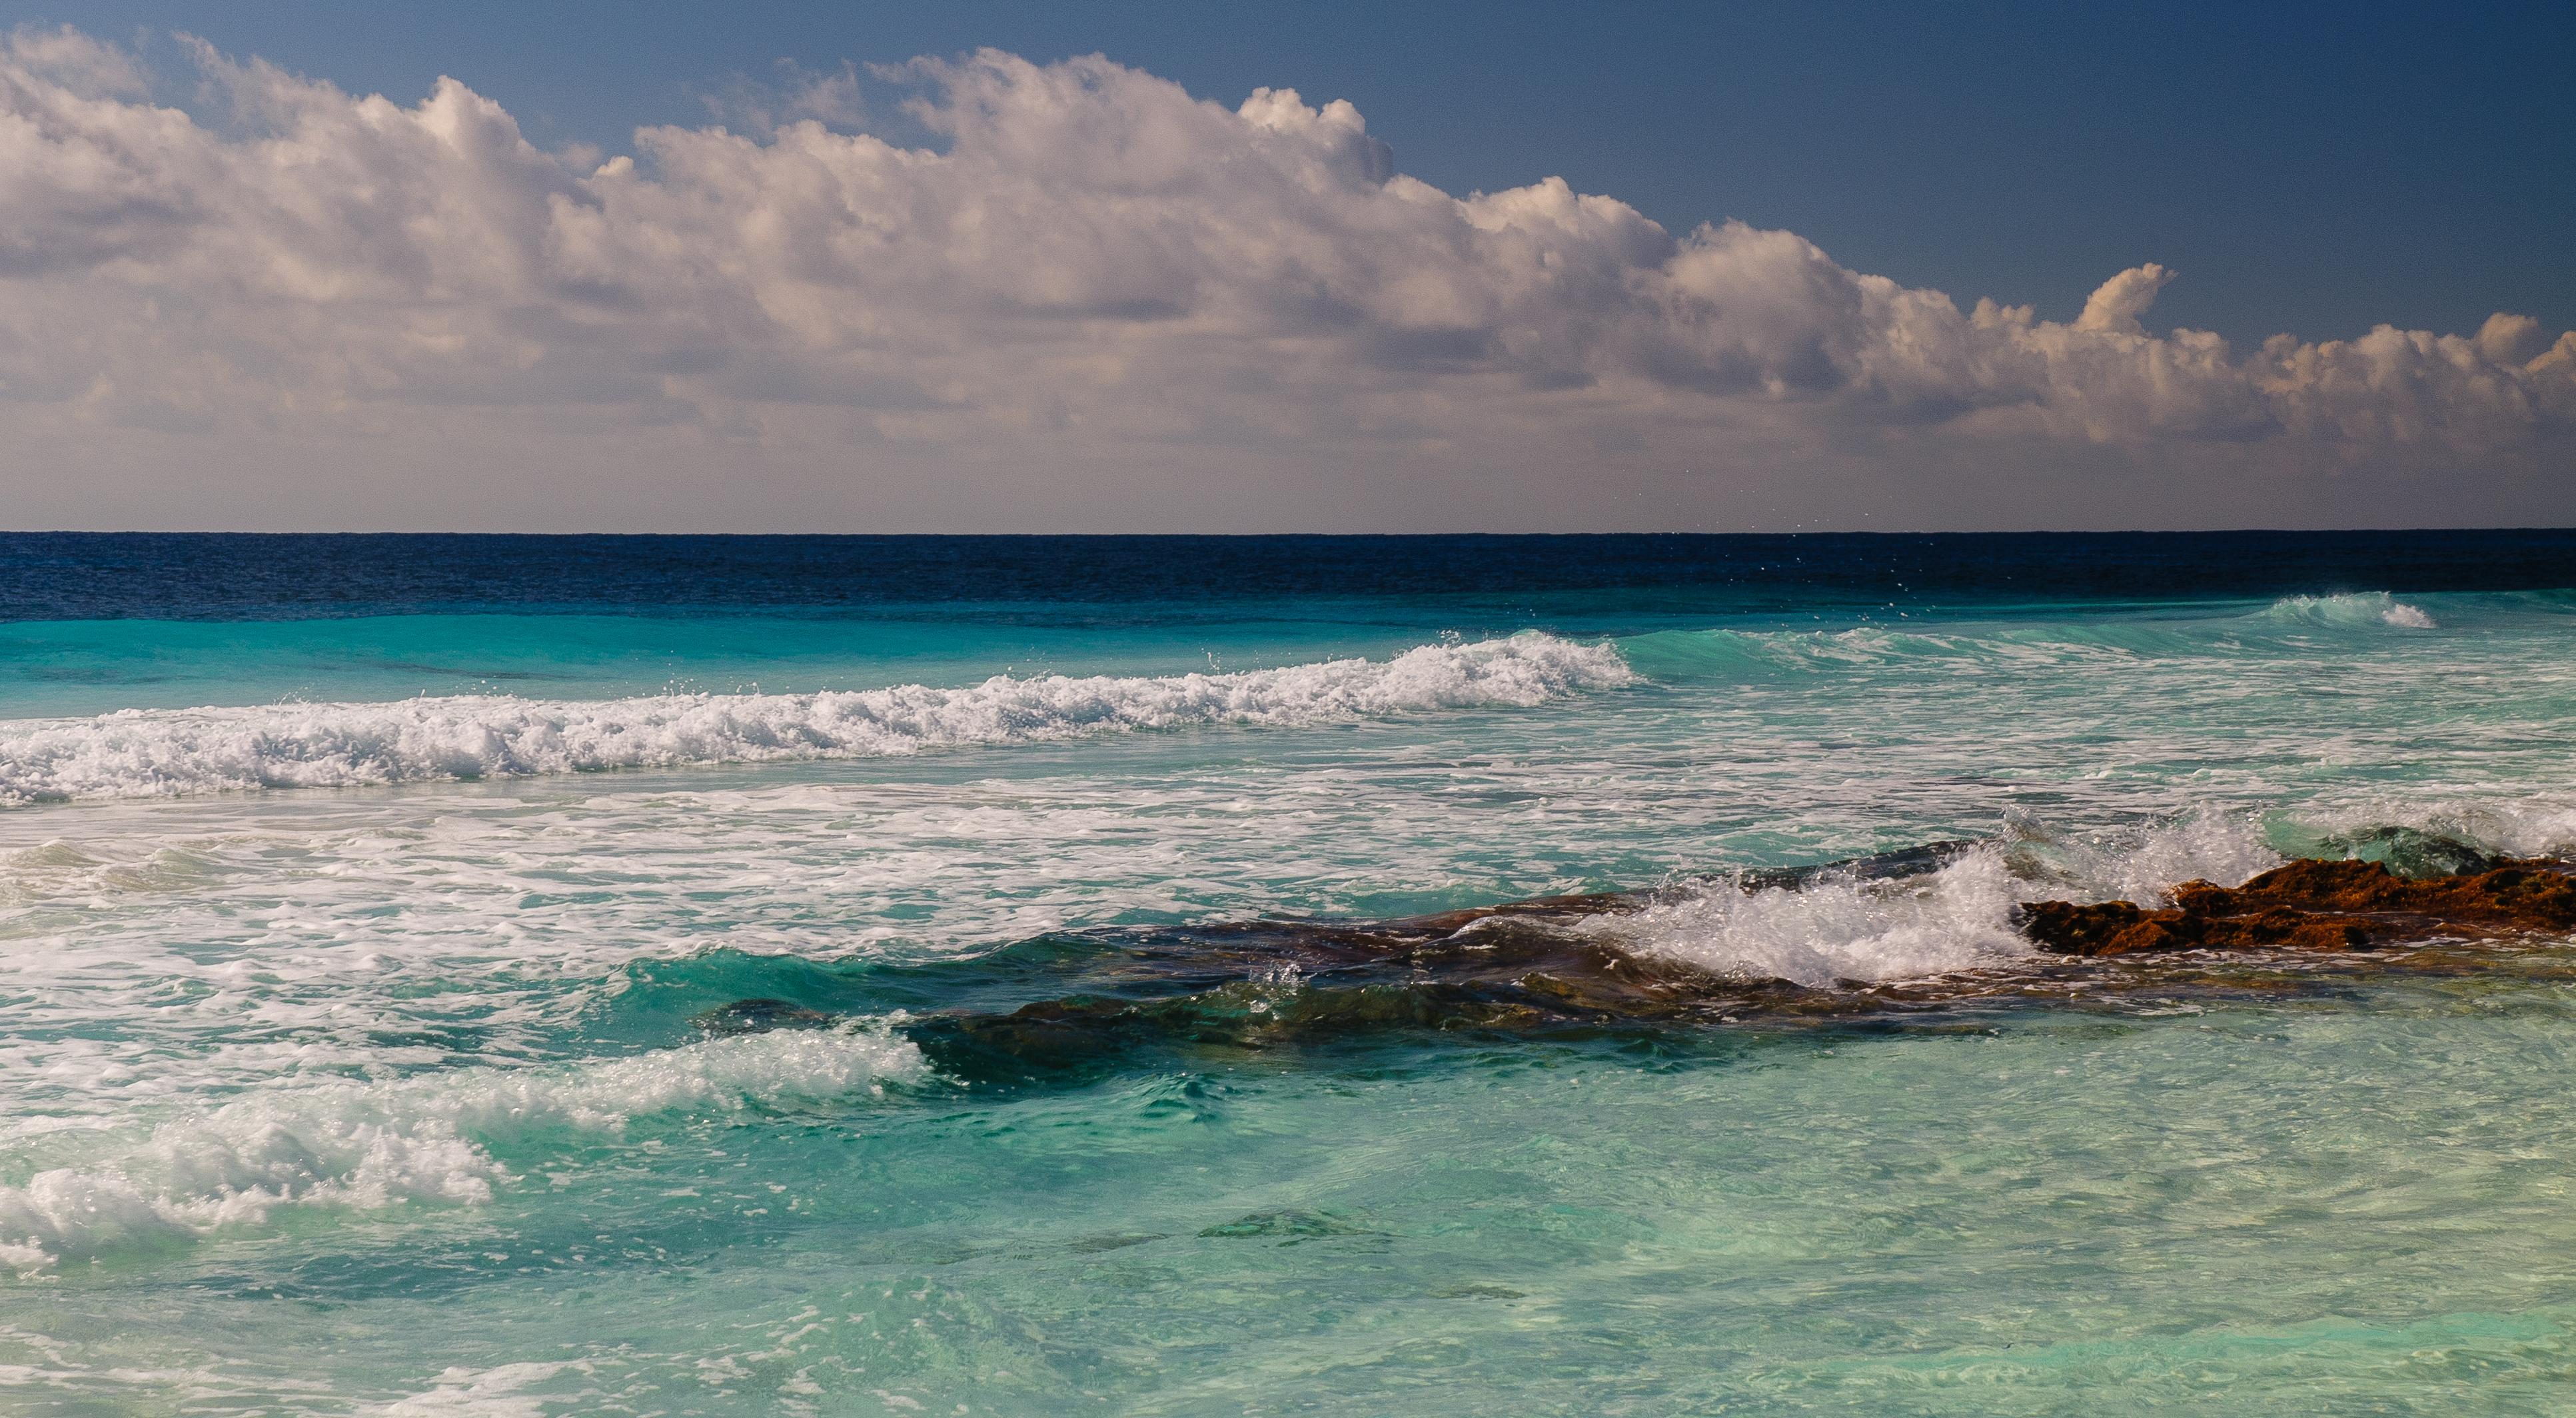 Картинки на рабочий стол с океаном или морем